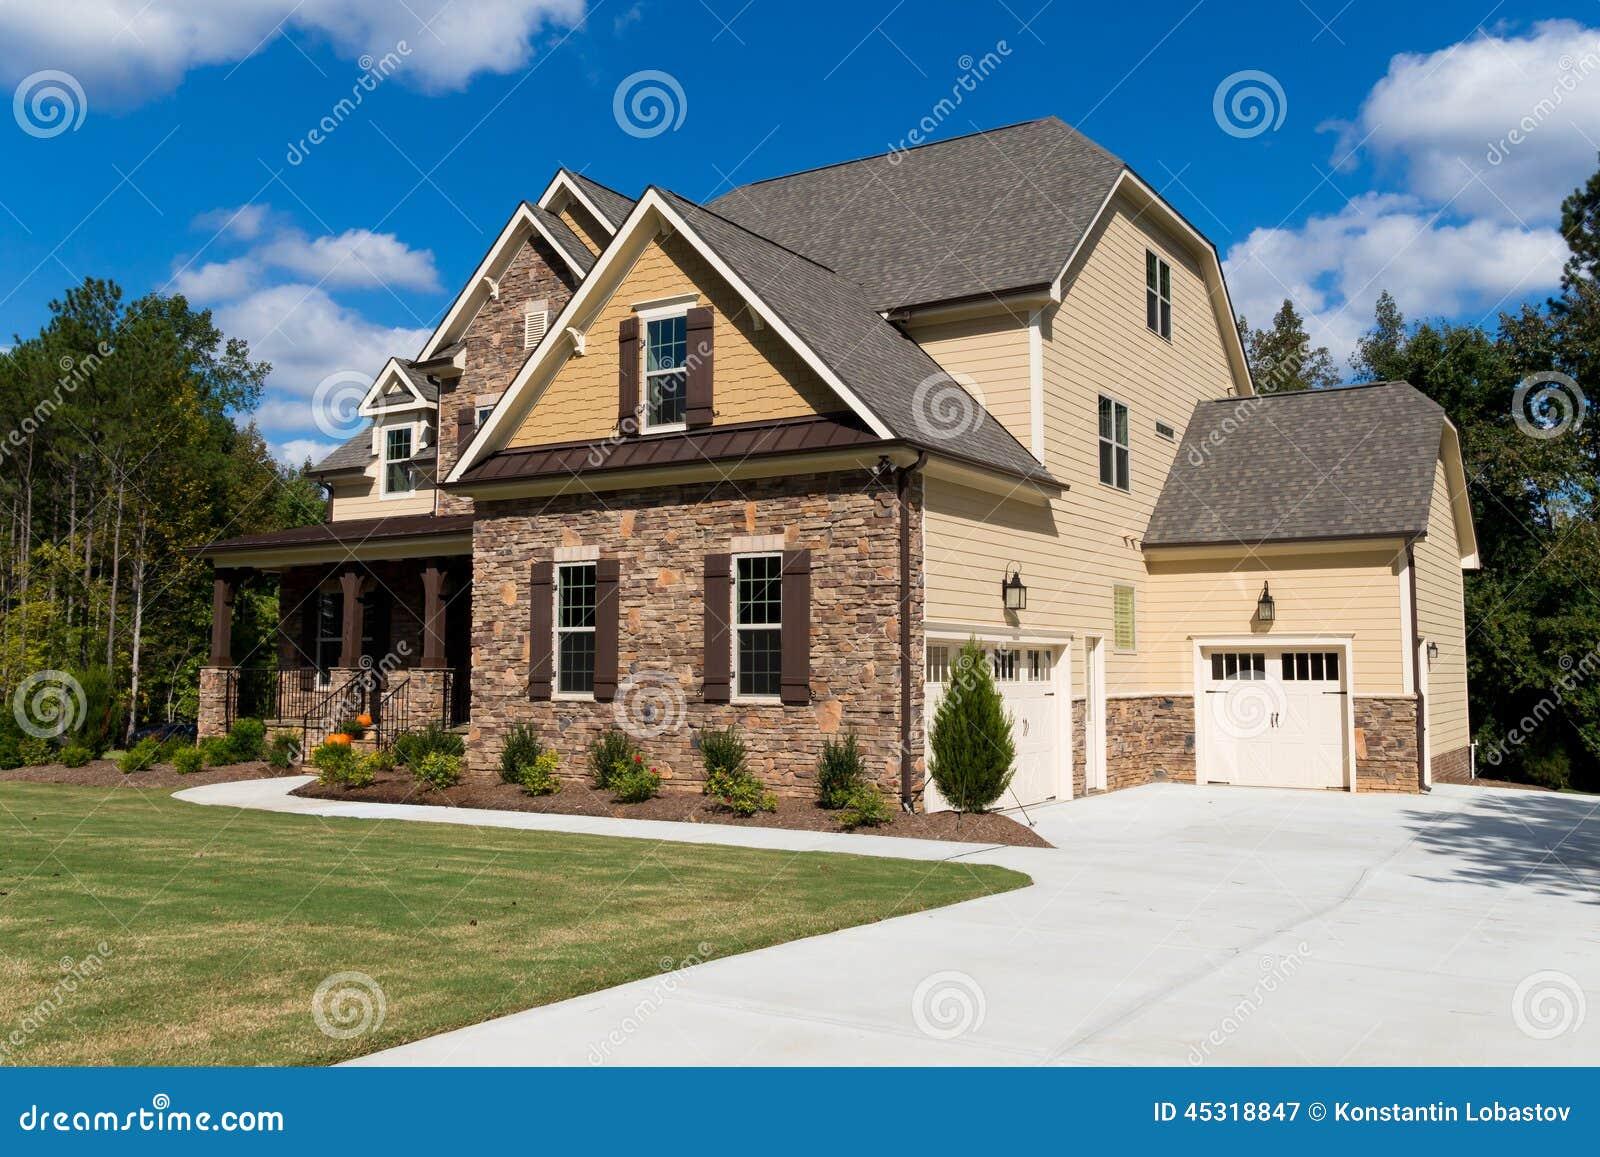 Upscale suburban house stock image image of luxury for Suburban house plans